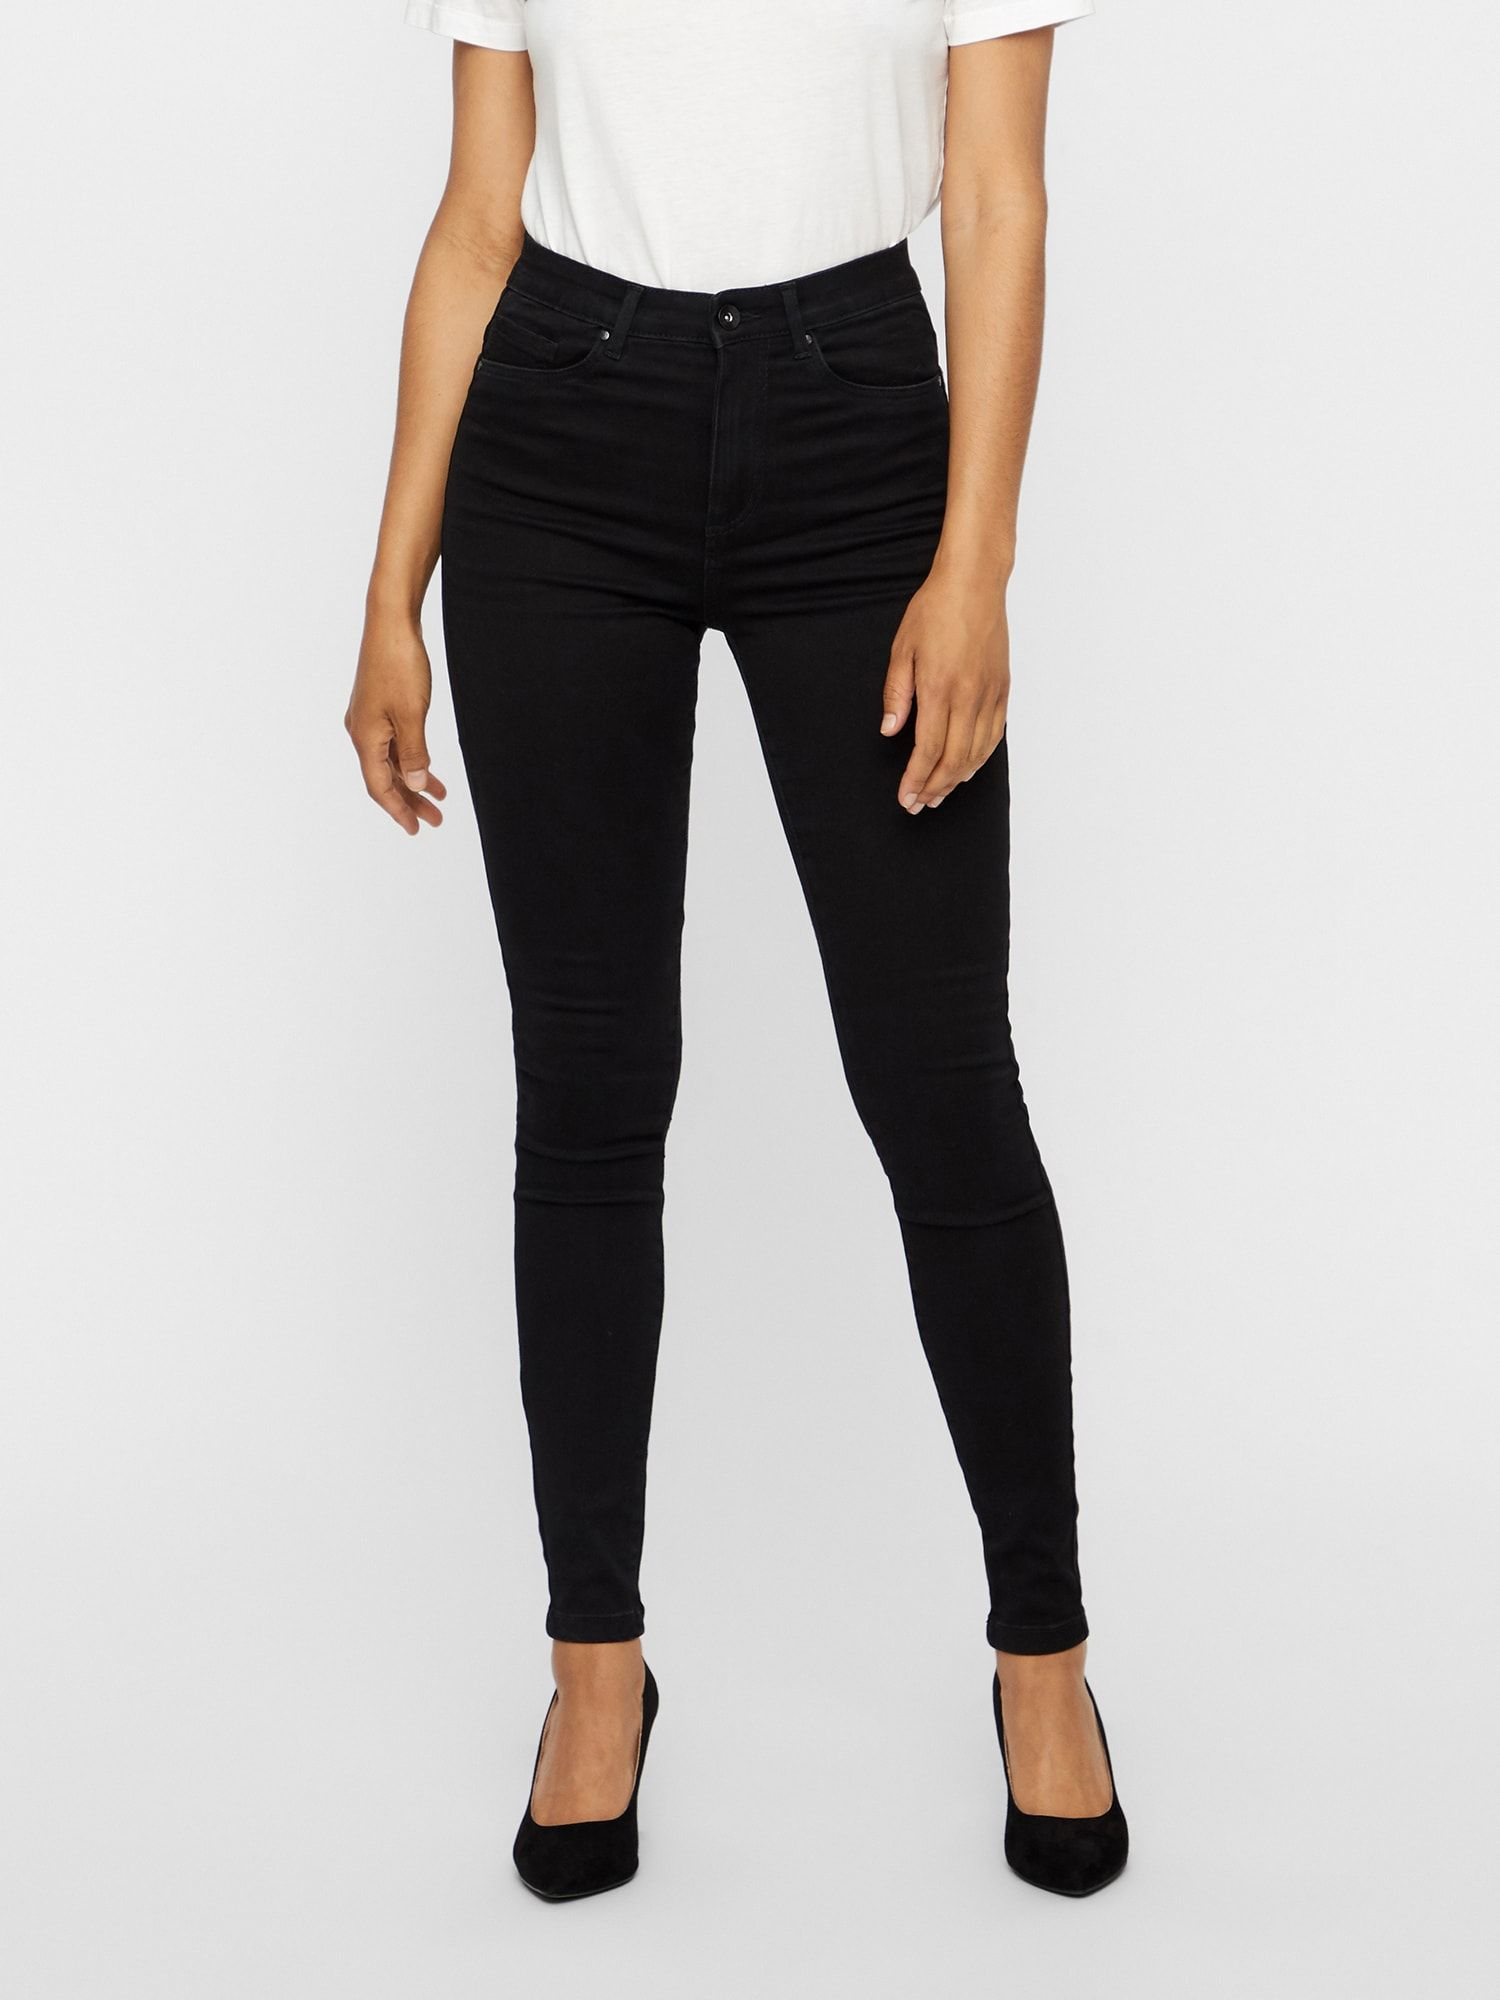 Photo of VERO MODA jeans in black